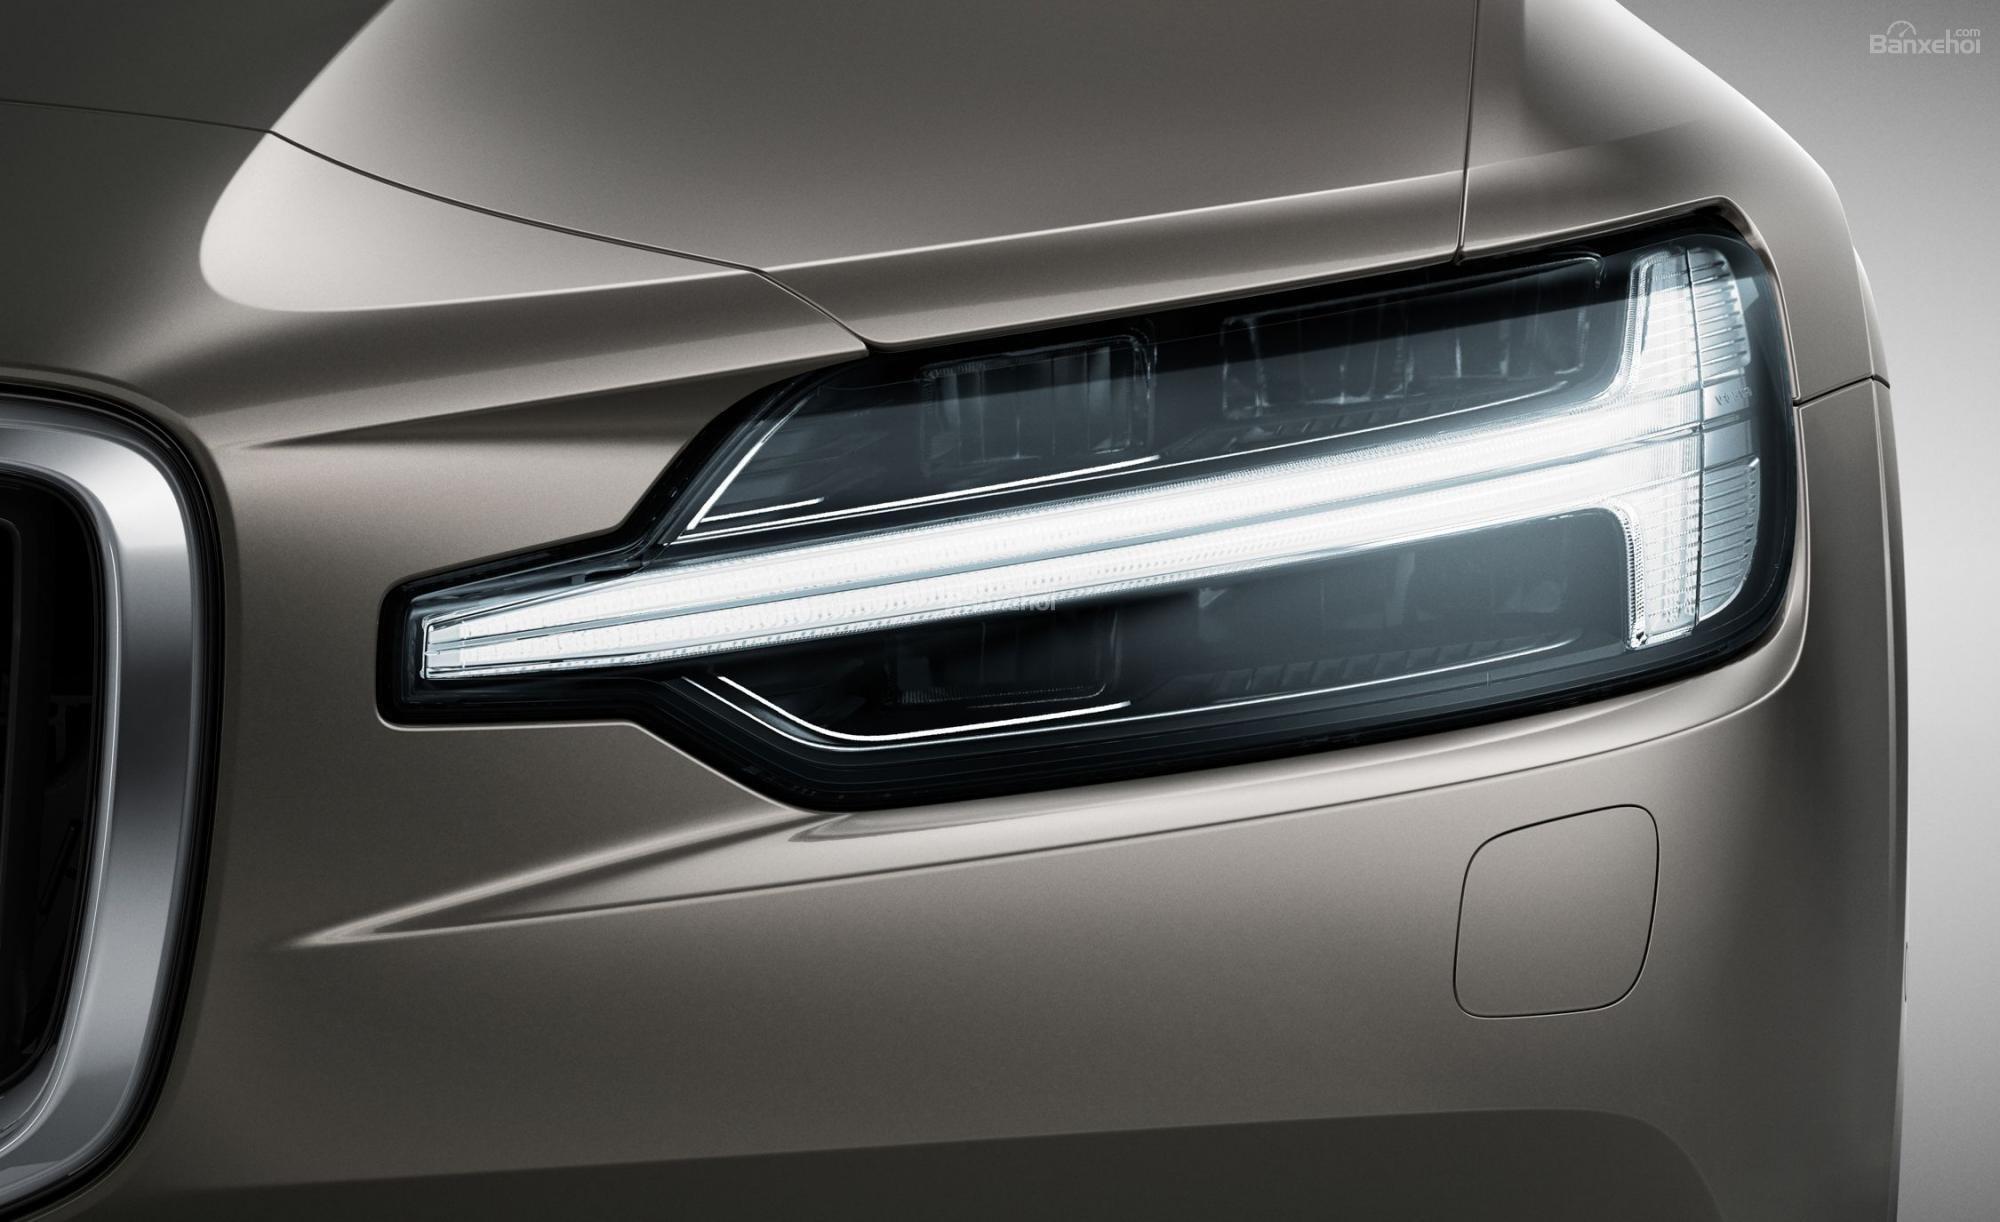 Đánh giá xe Volvo V60 2019 về thiết kế đầu xe